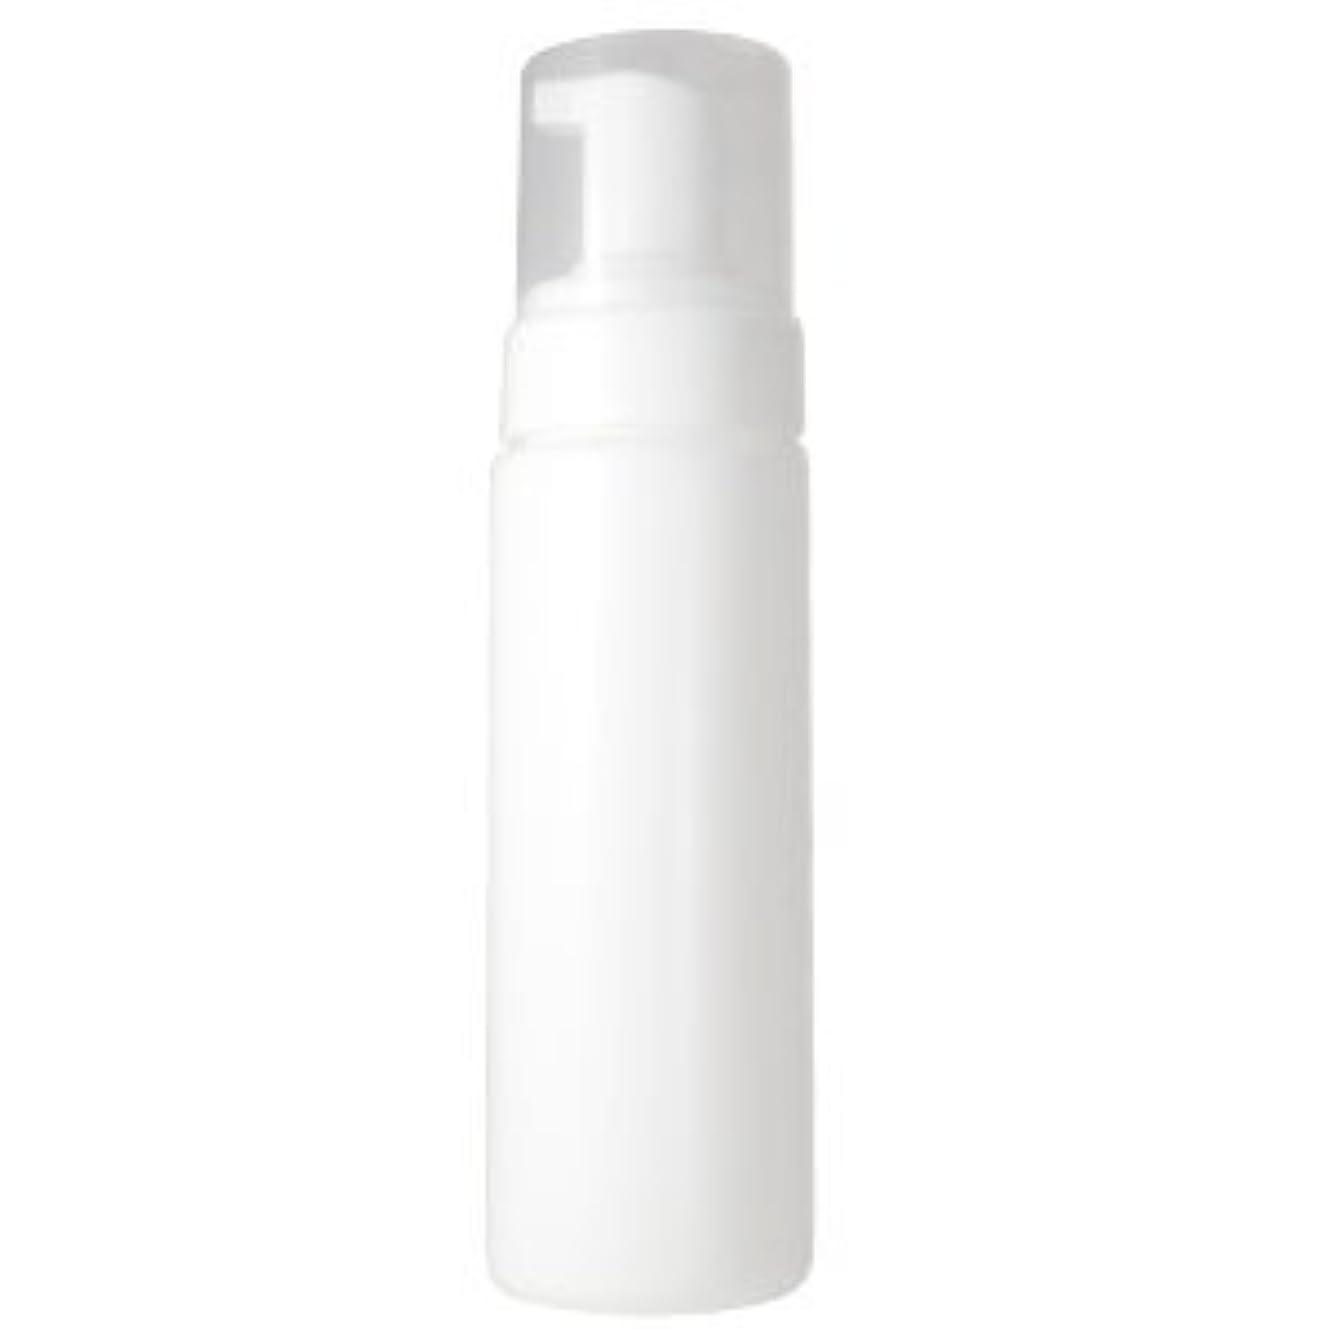 叙情的なサロンストレージポンプフォーマーボトル 200ml (泡ボトル)